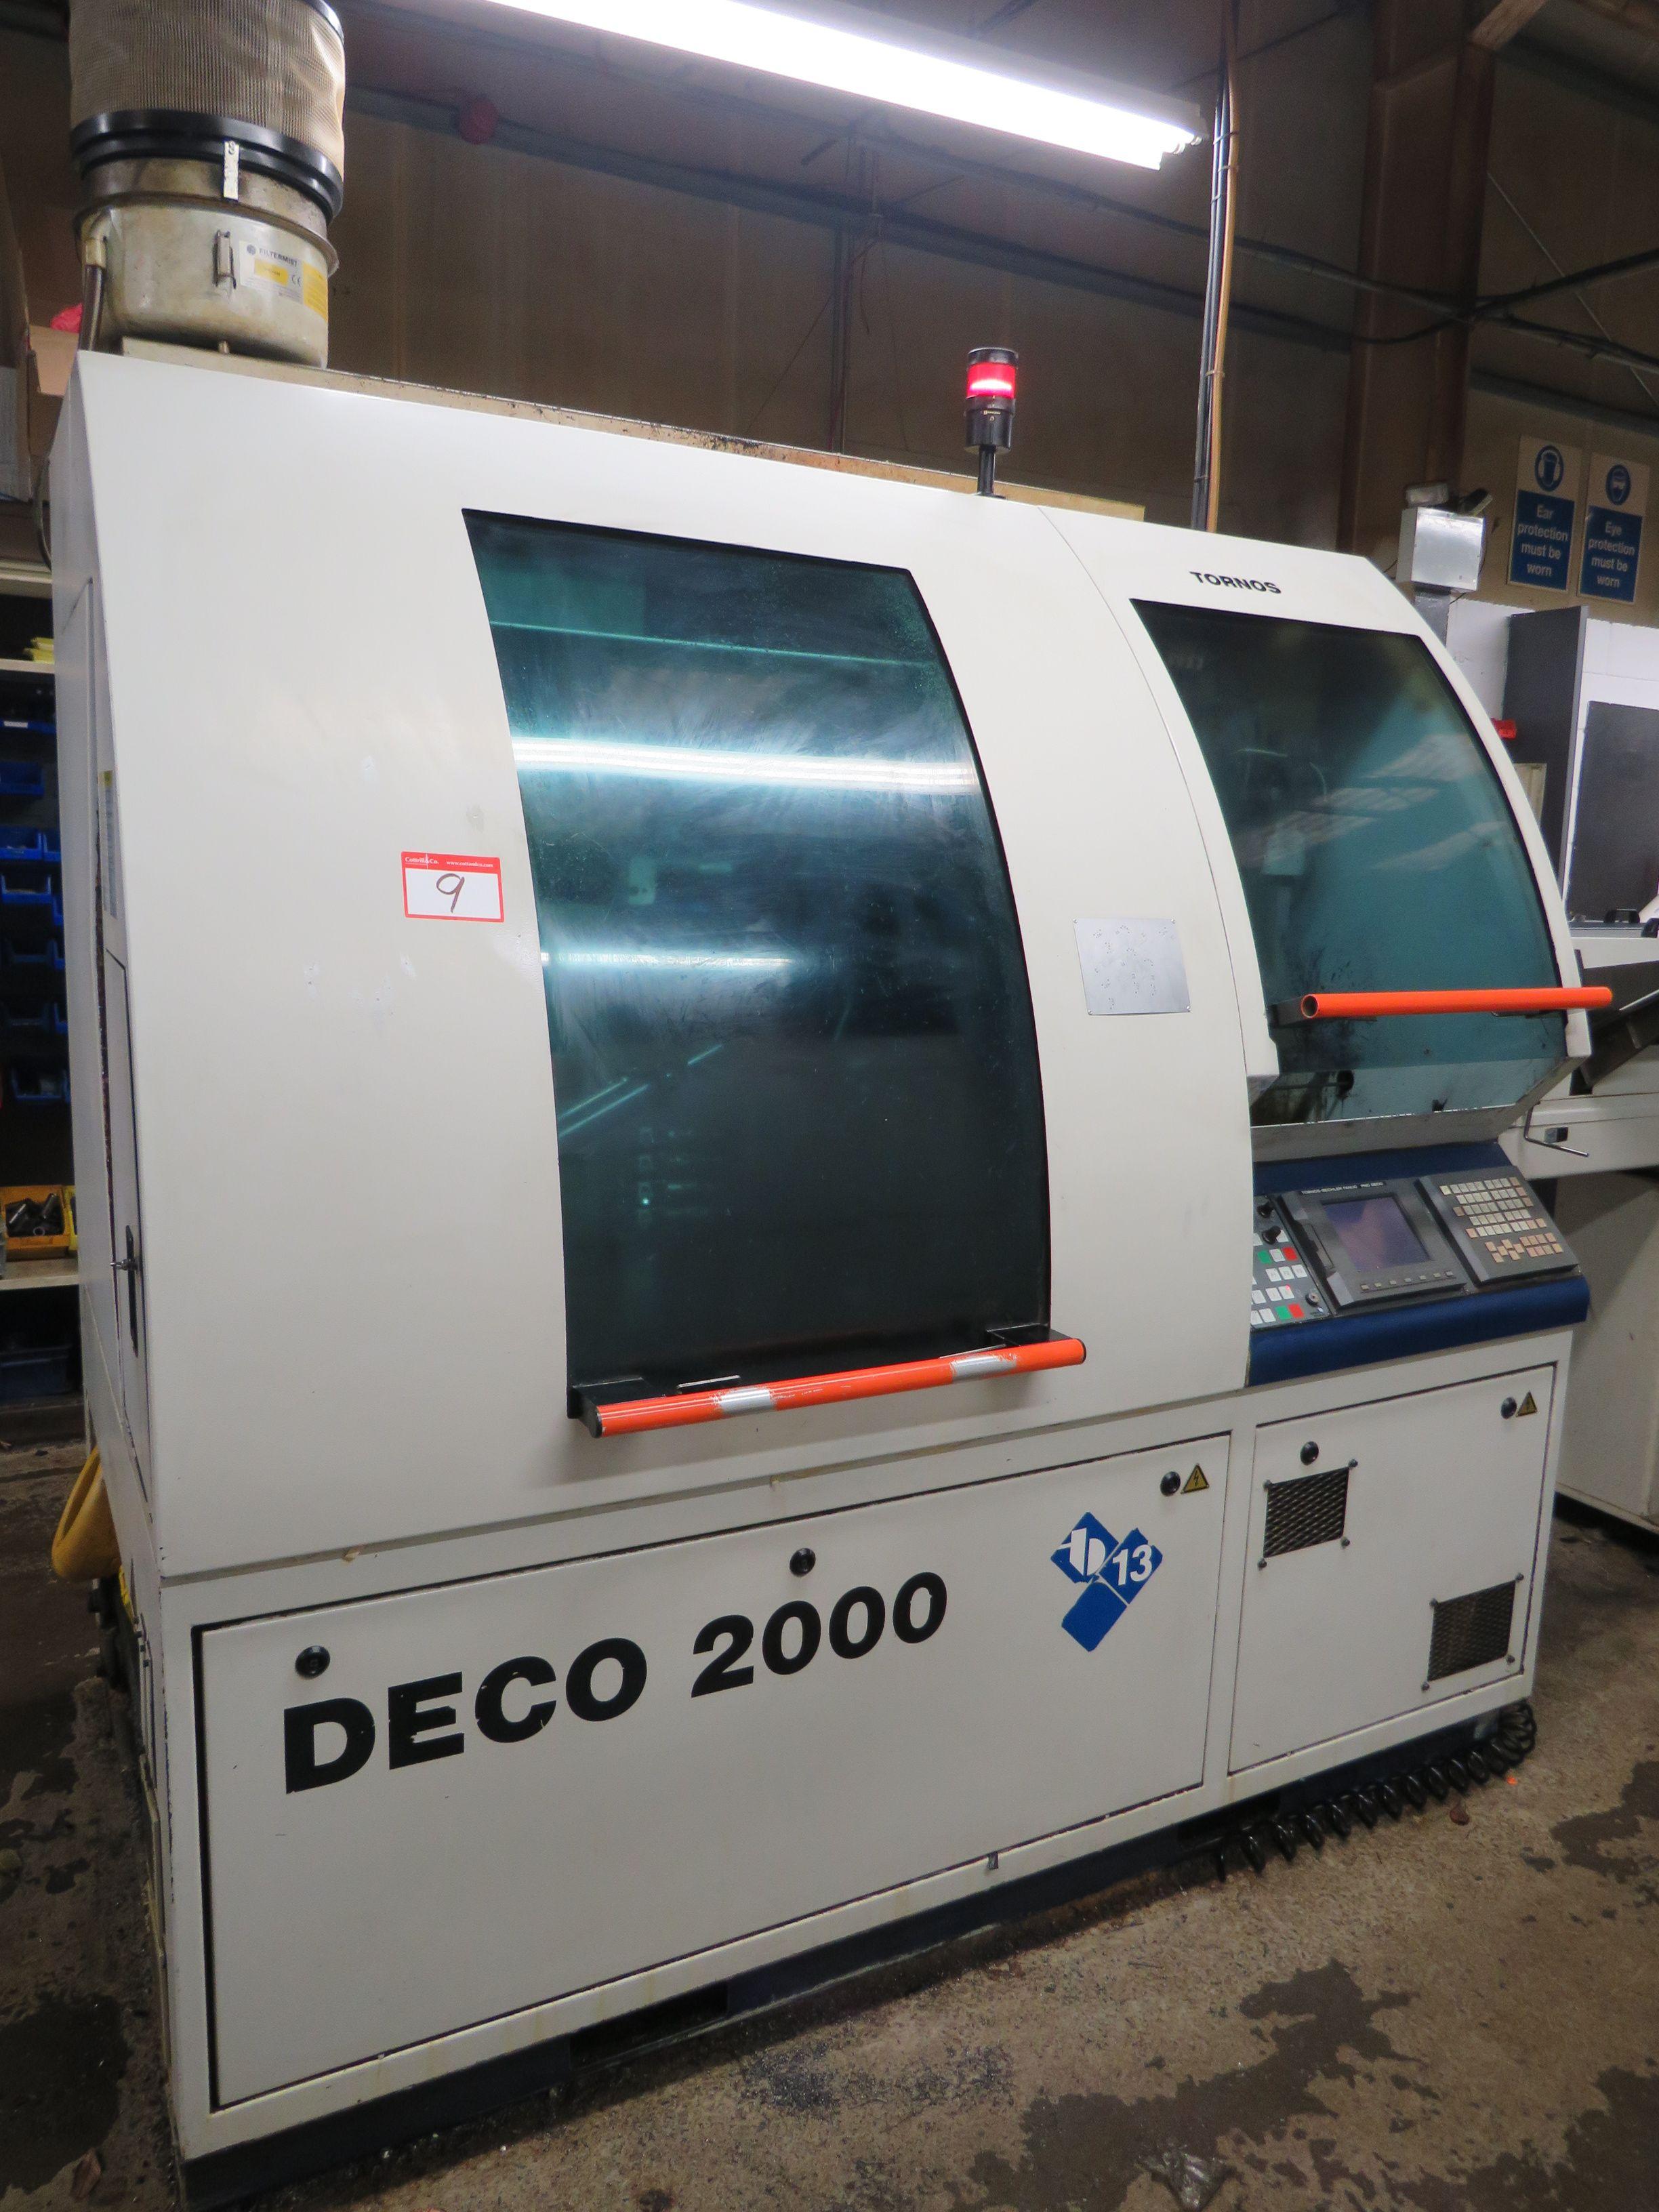 Tornos Deco 2000/13 Schweizer CNC-Drehmaschine